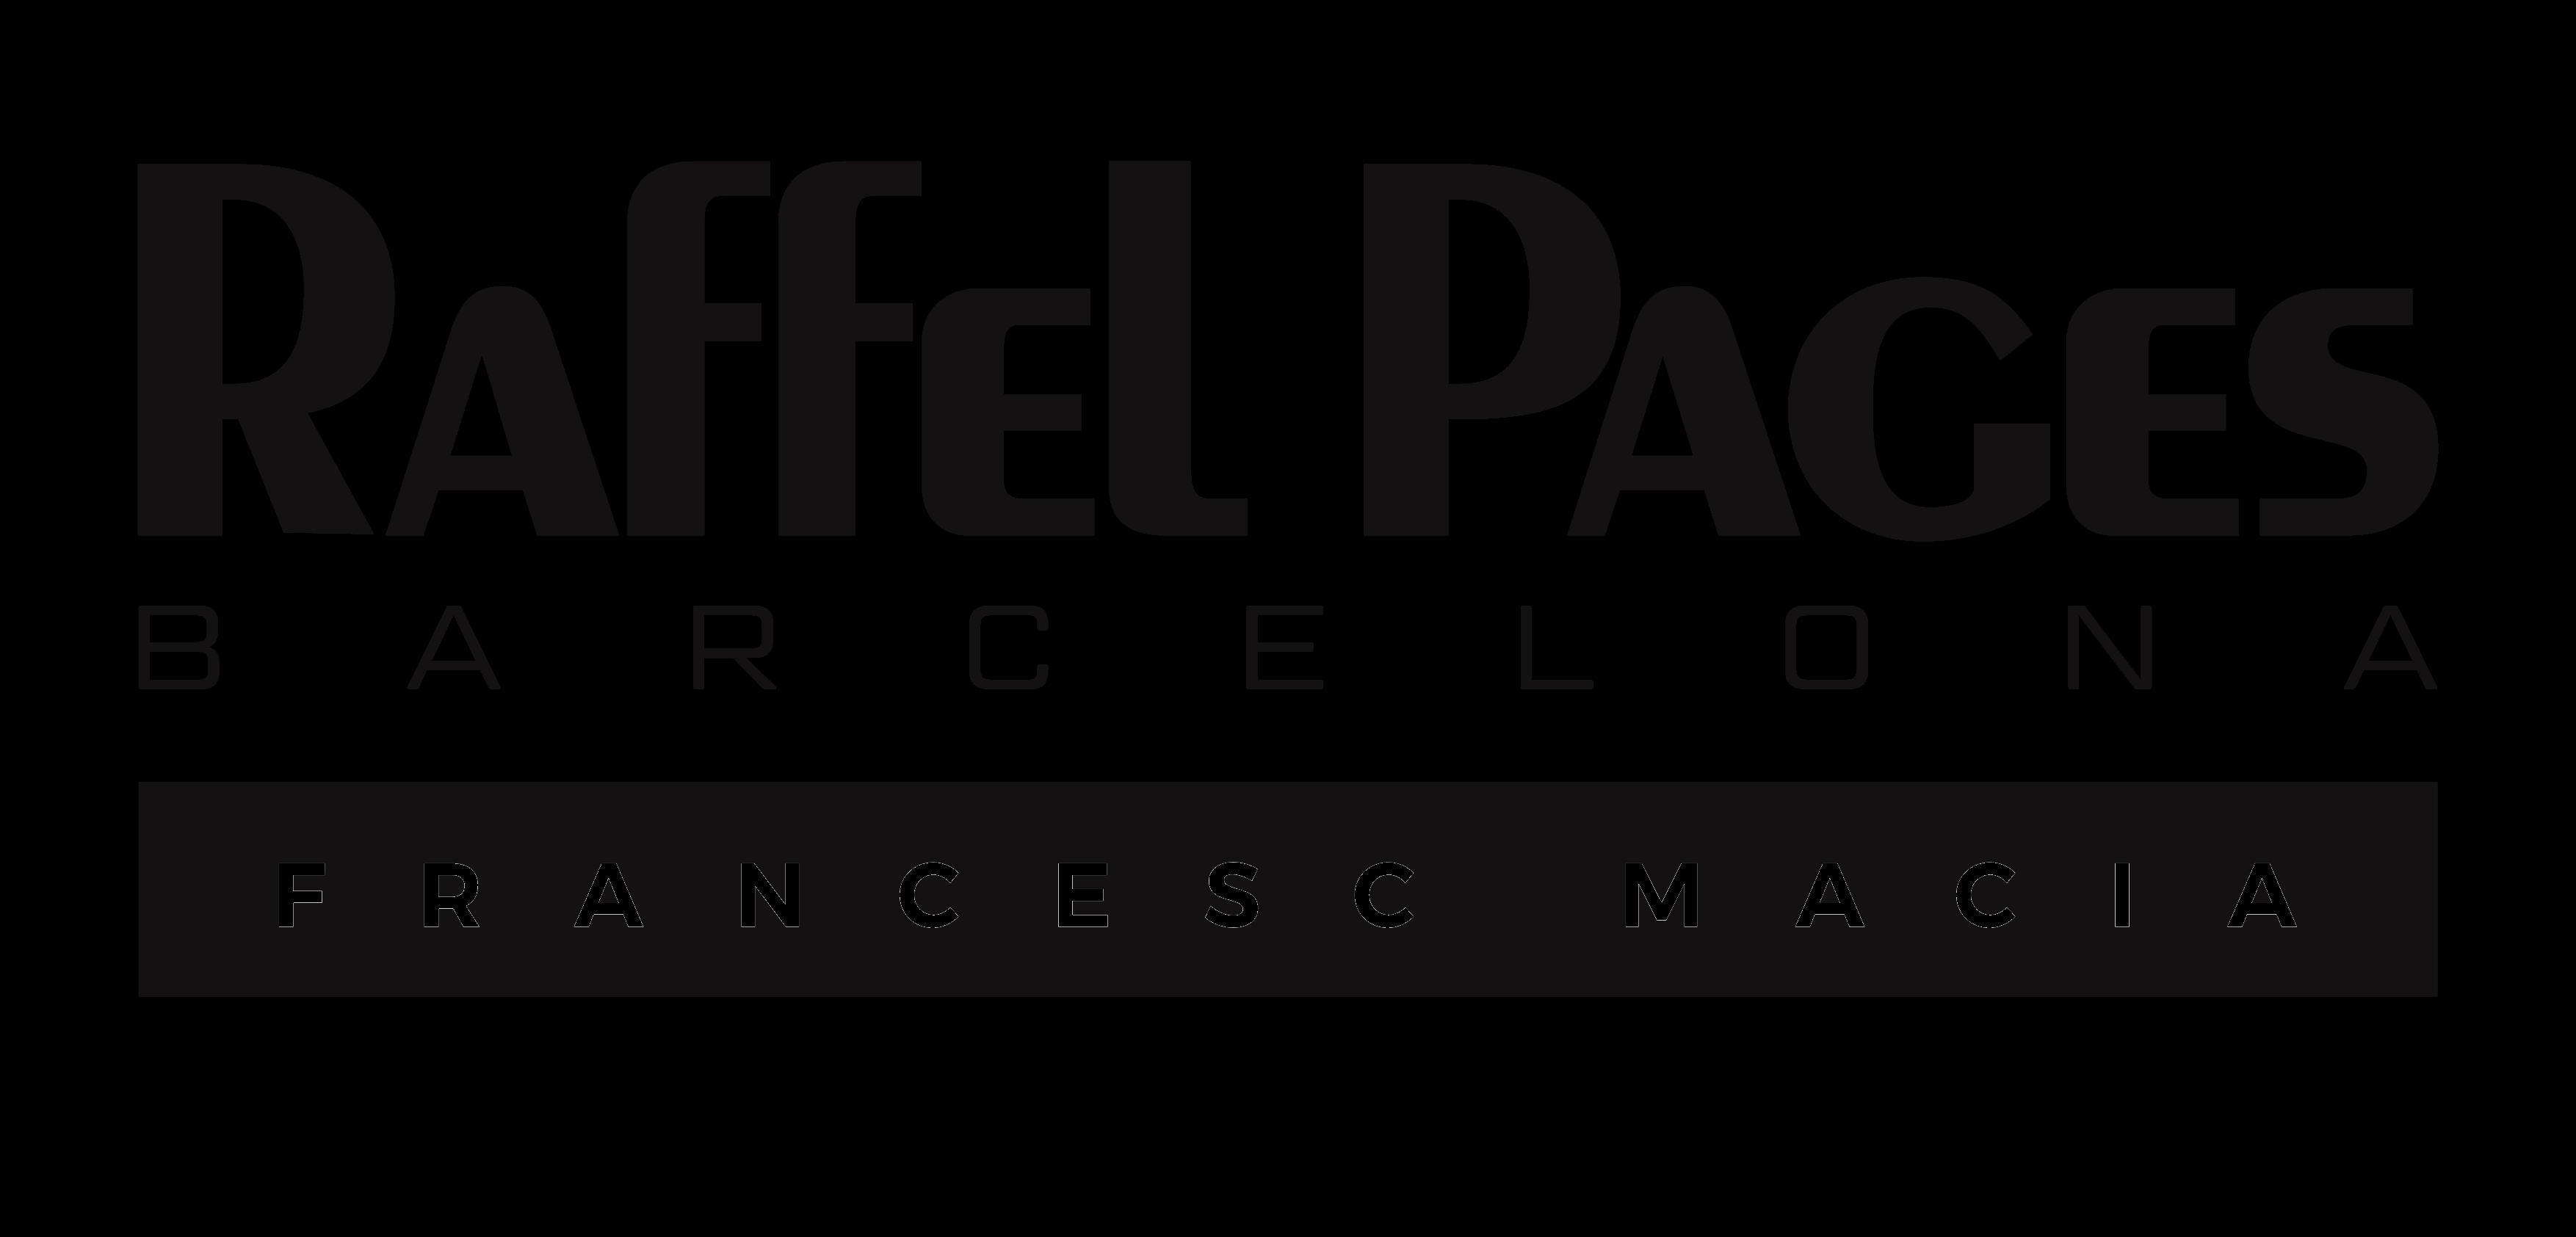 Raffel pages logo